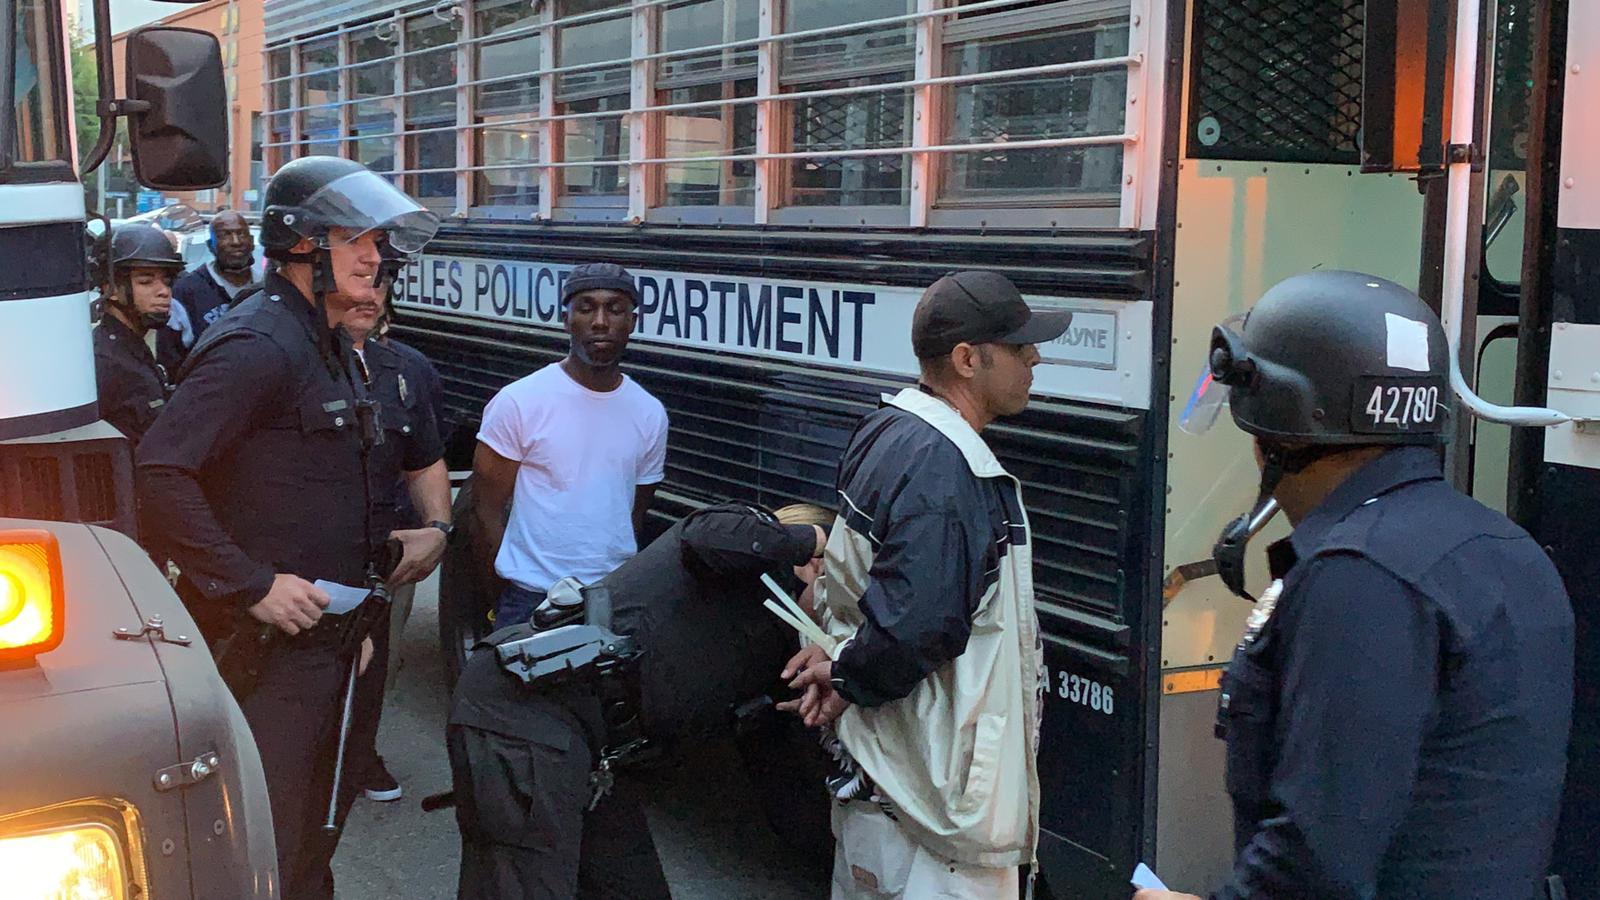 اعتقال 58 شخصا في لوس أنجلوس بتهمة خرق حظر التجول